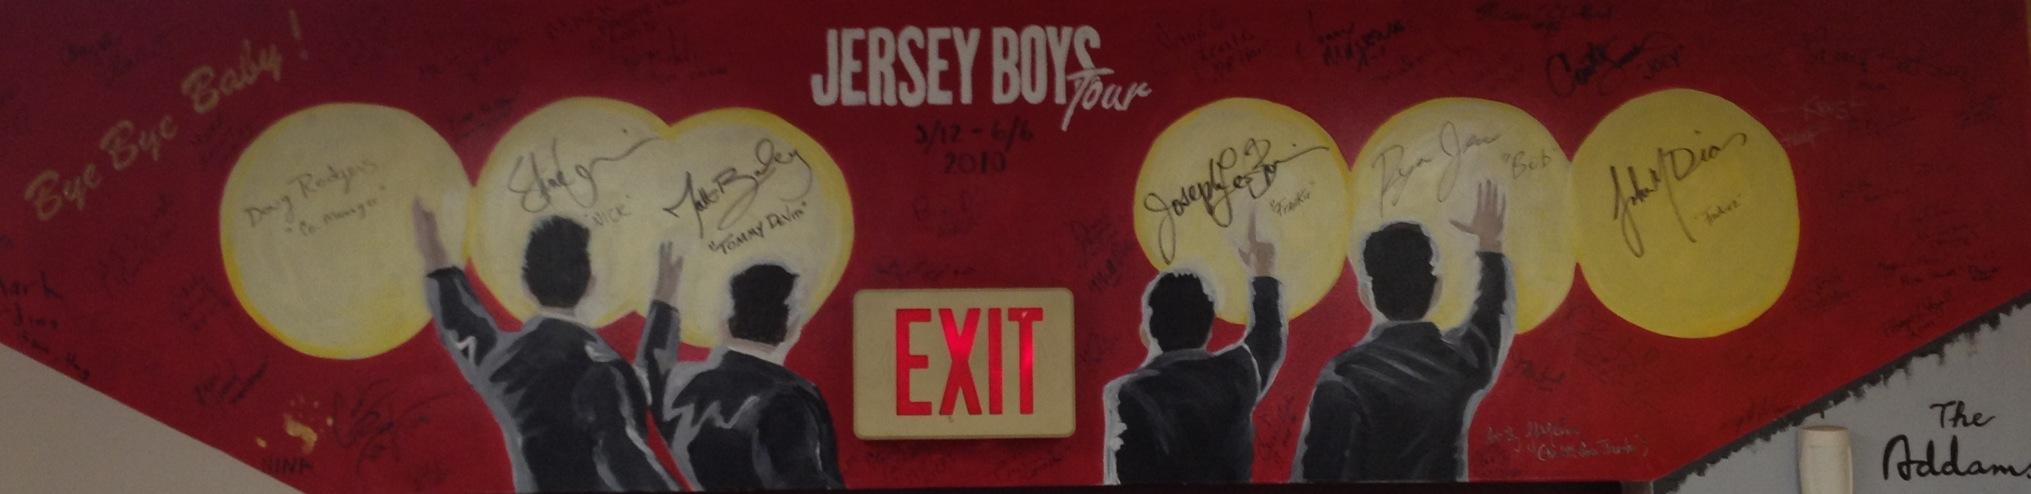 Jersey Boys.jpeg